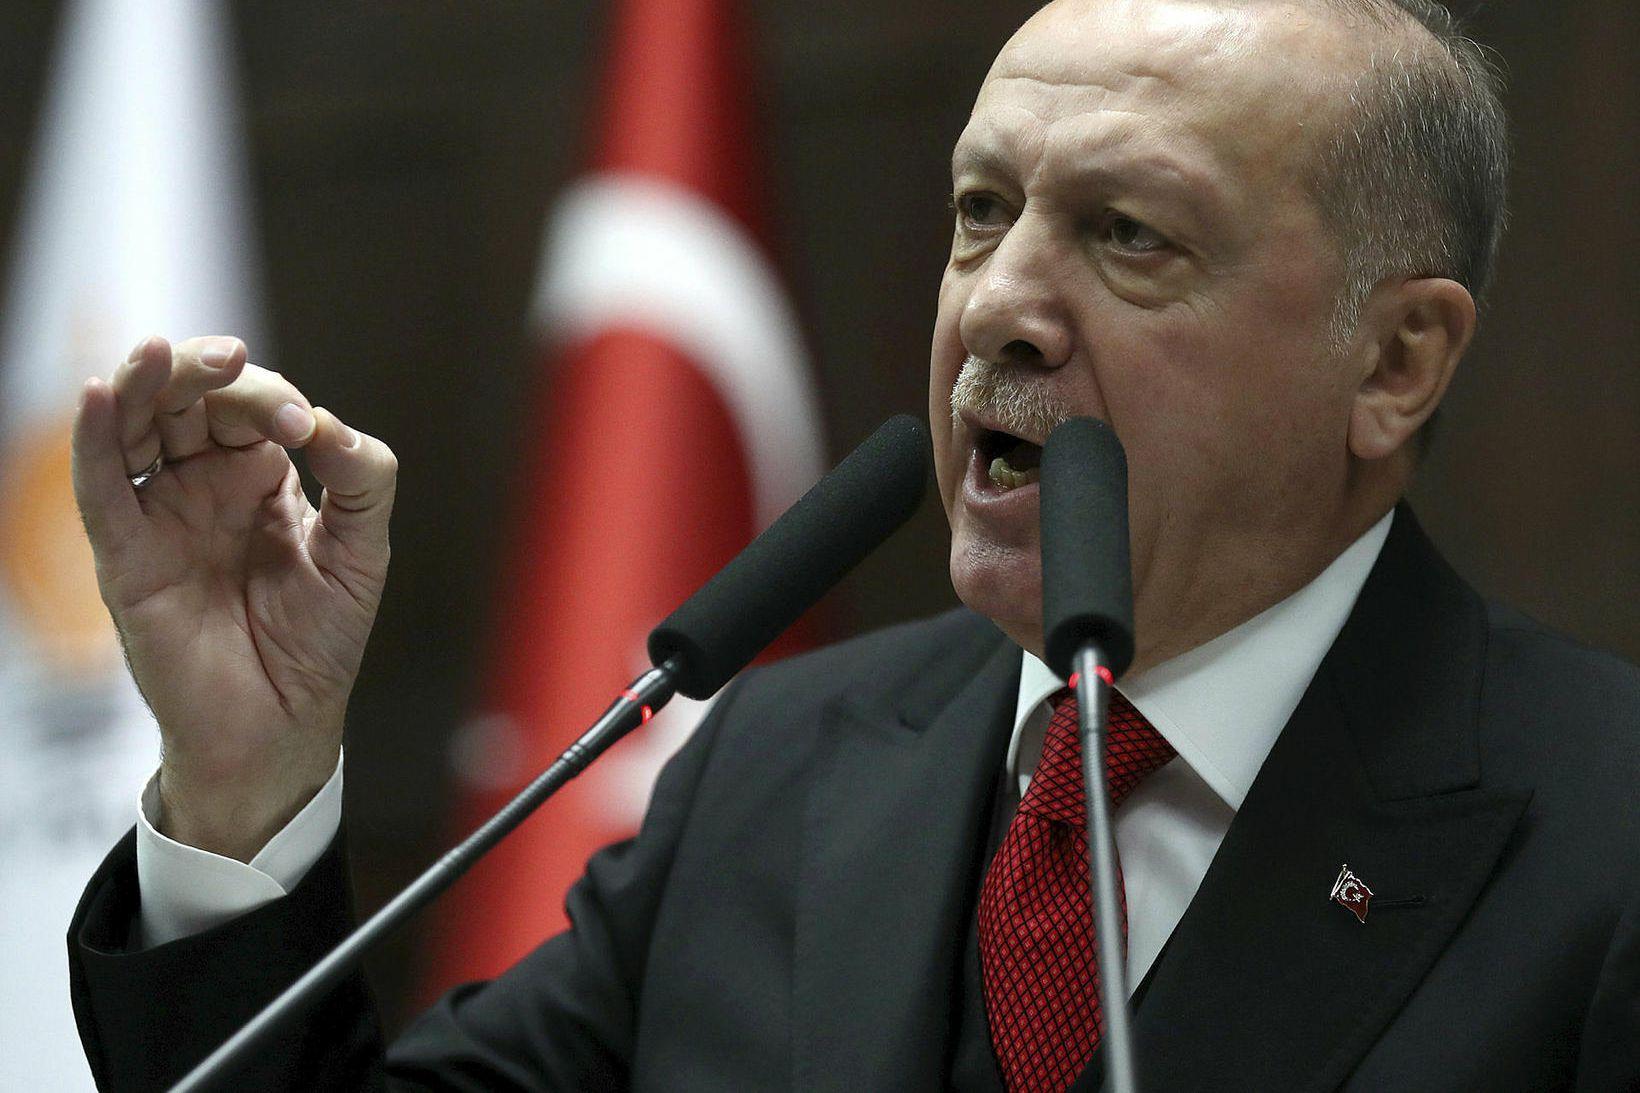 Recep Tayyip Erdogan forseti Tyrklands. Ríkisstjórn hans hefur allt frá …